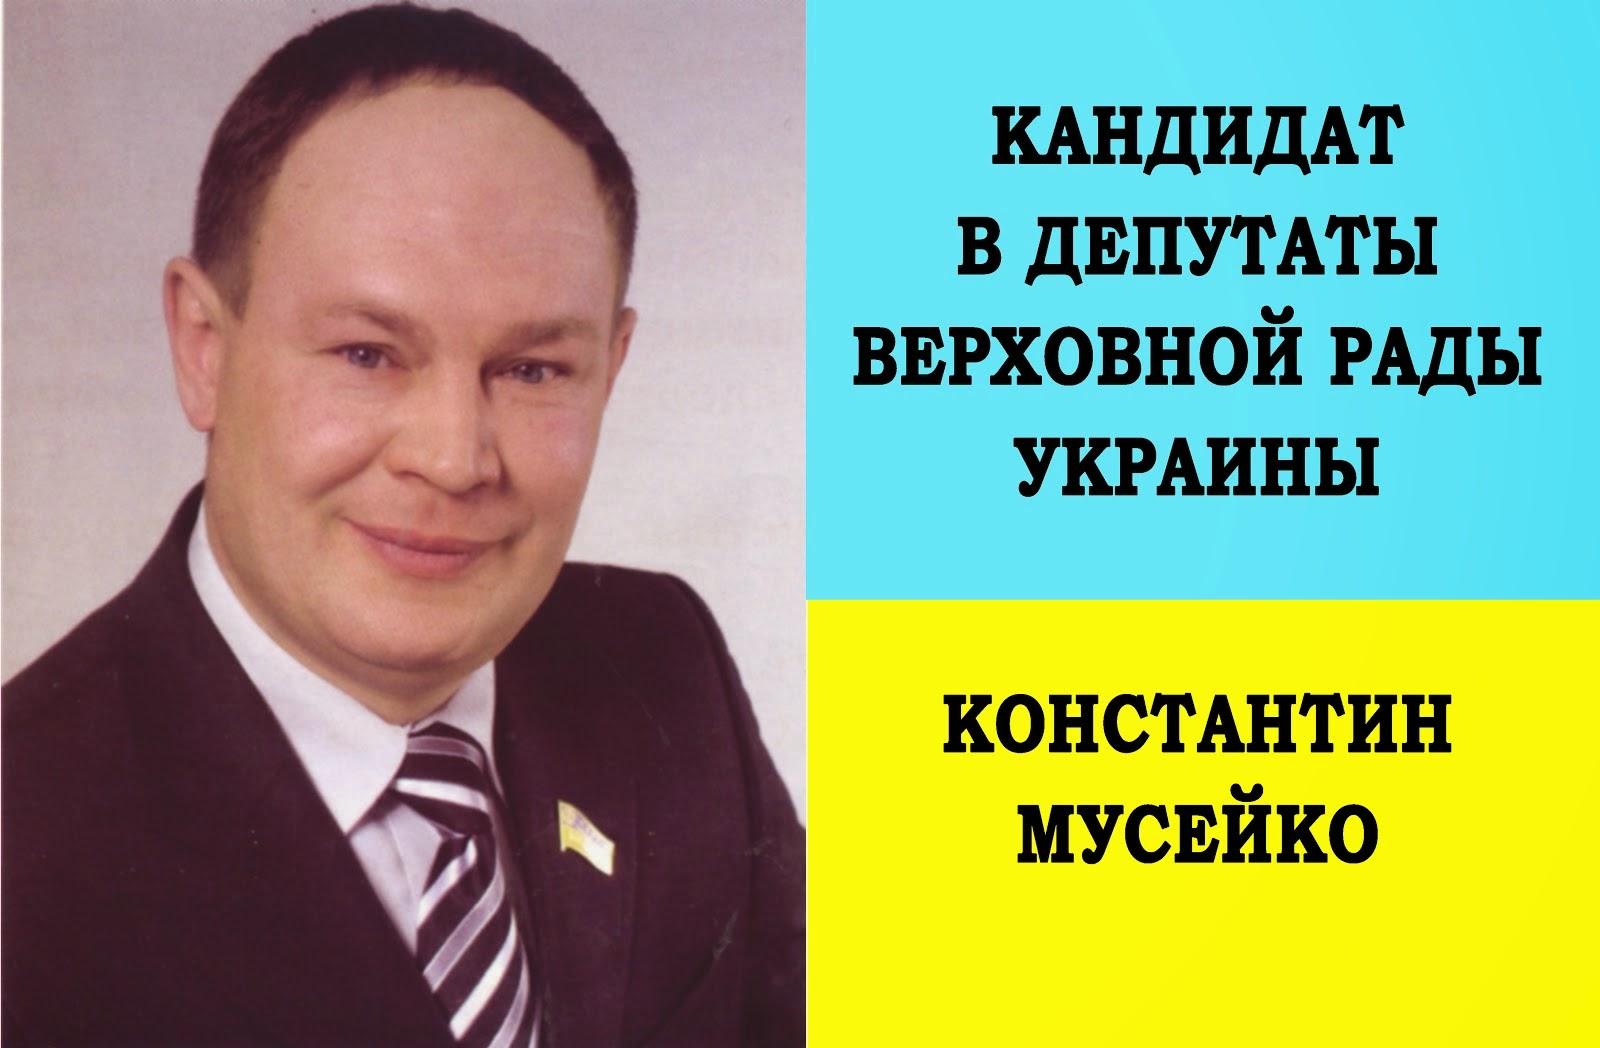 26 октября - выборы в Верховную Раду Украины!